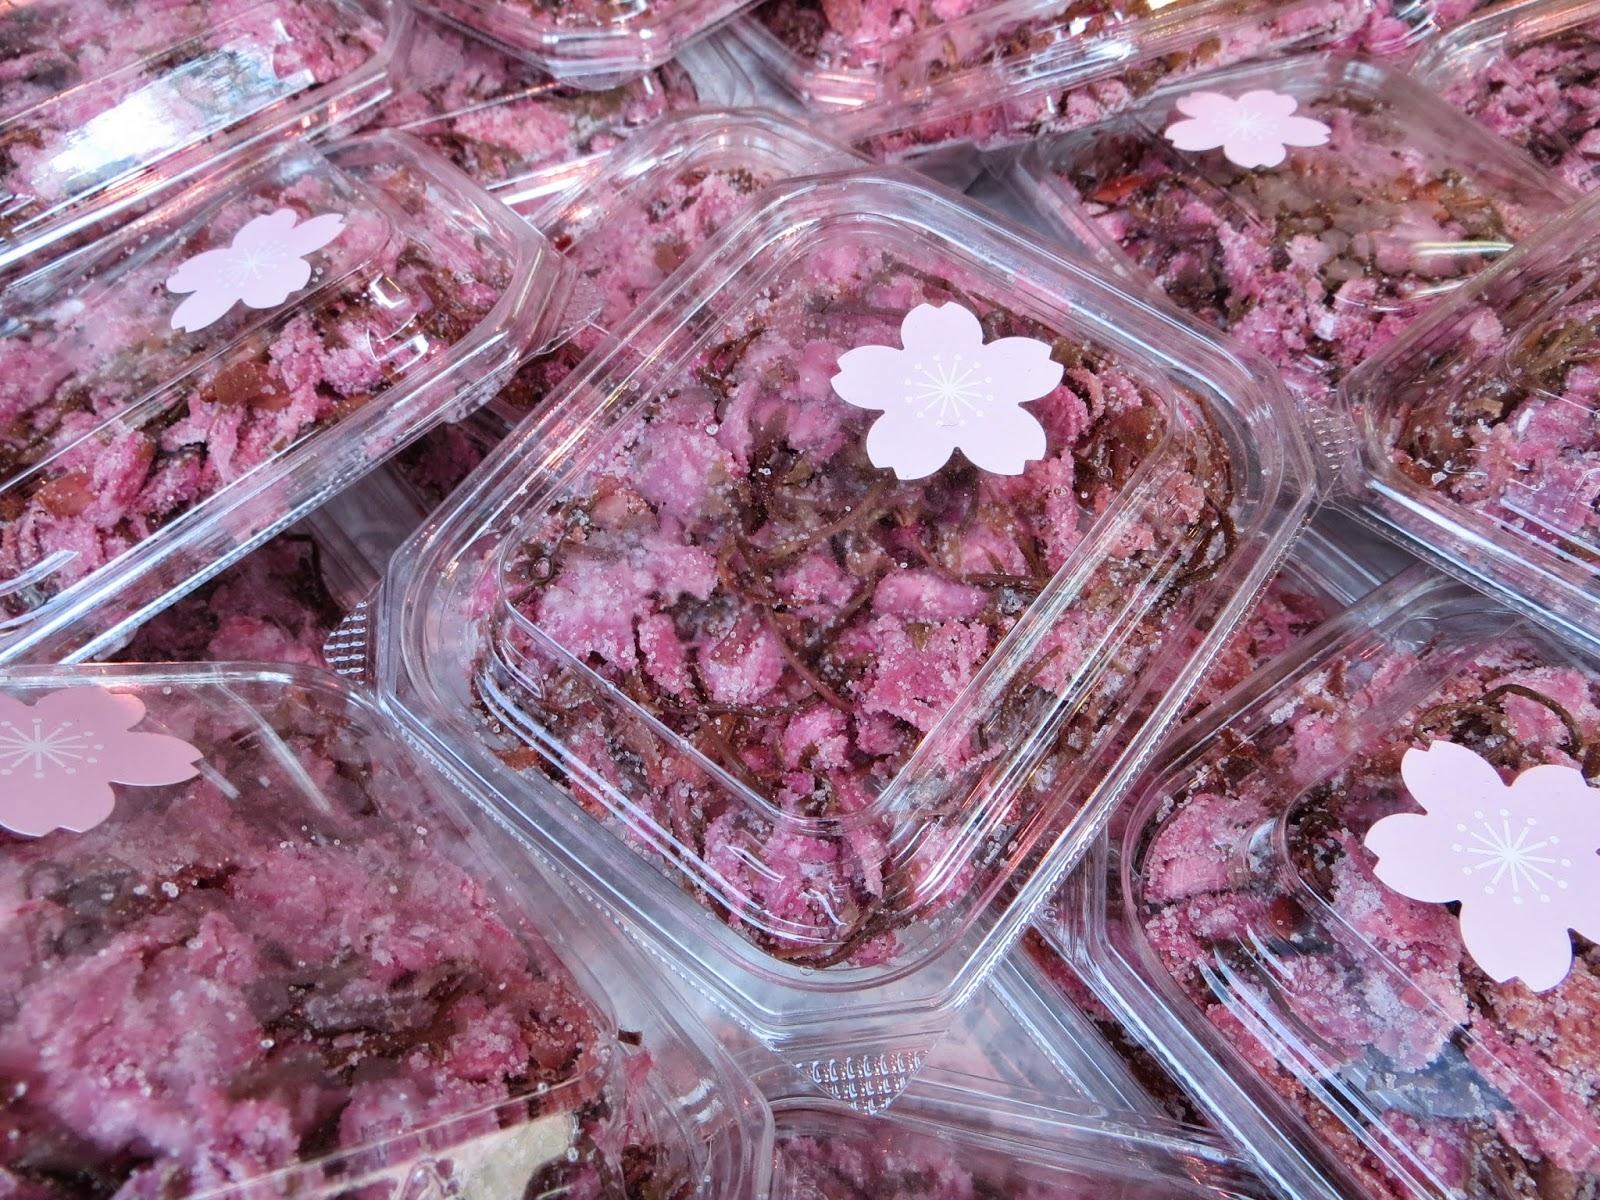 Mê đắm những món ăn từ hoa anh đào